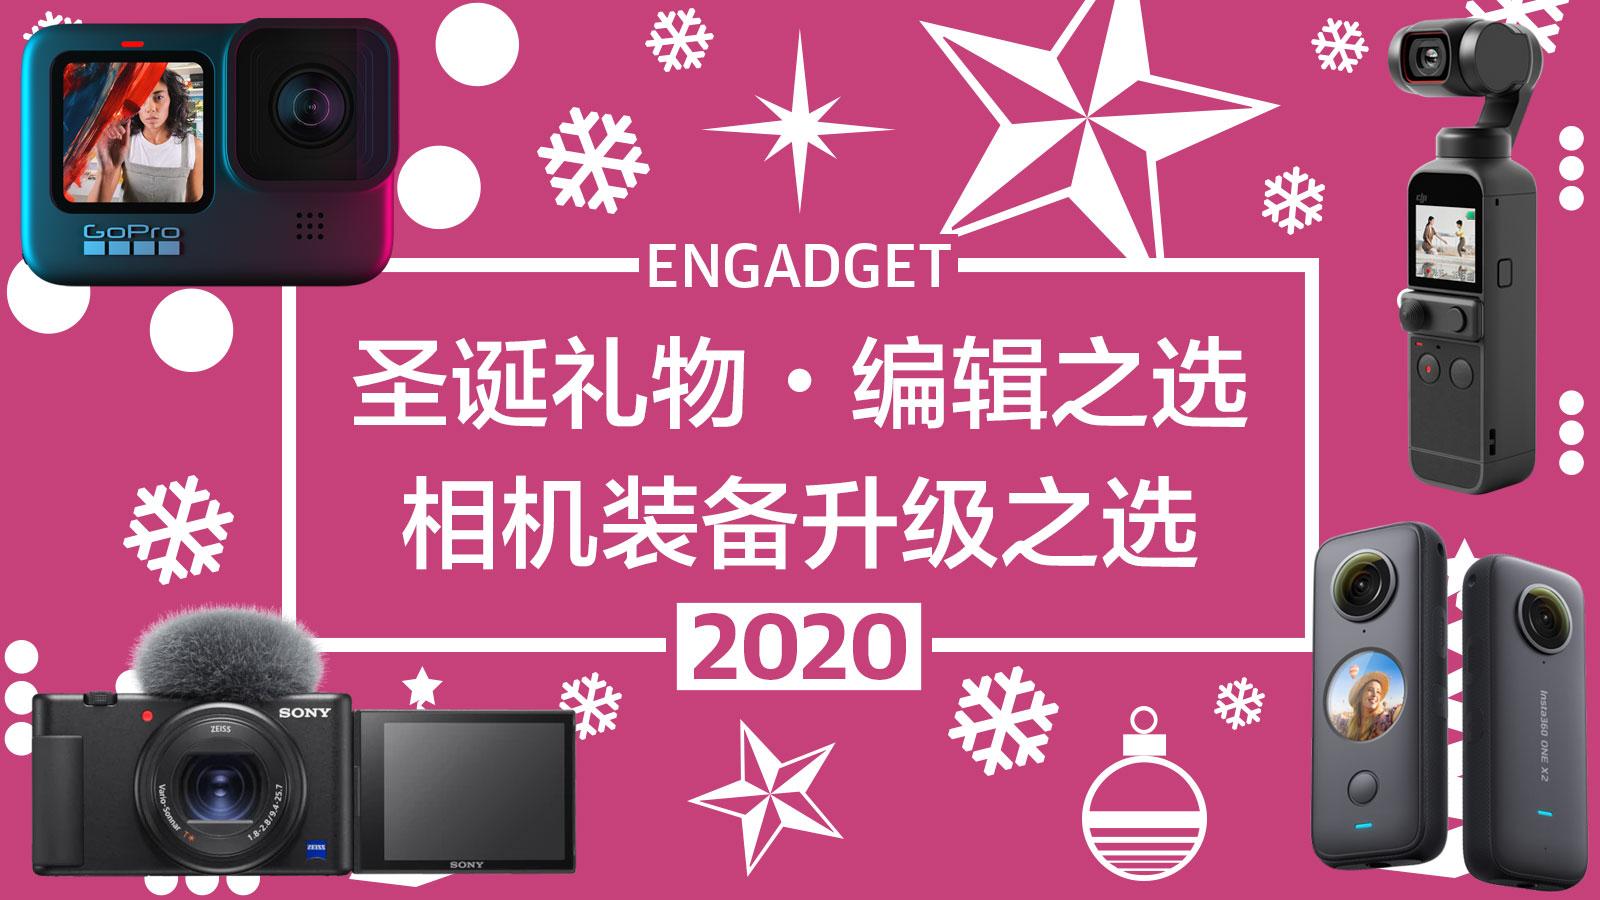 聖誕禮物2020 編輯之選:相機裝備升級之選